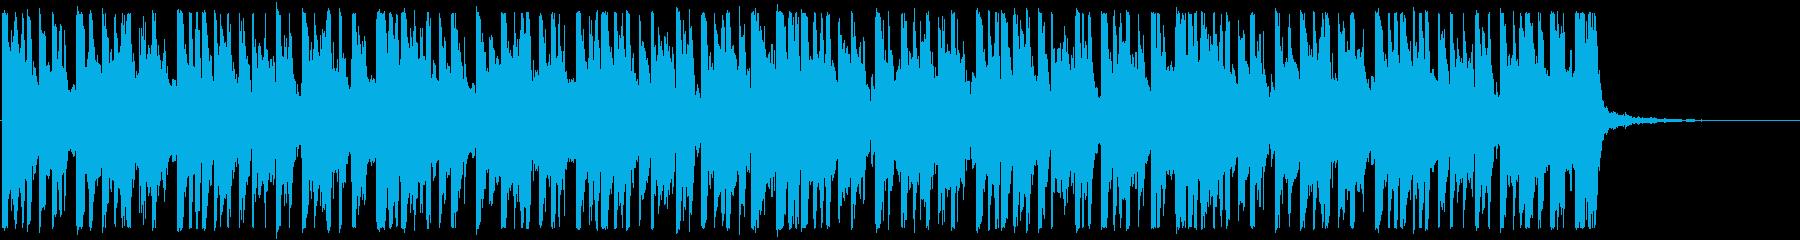 前向き/明るい/ハウス_No475_5の再生済みの波形